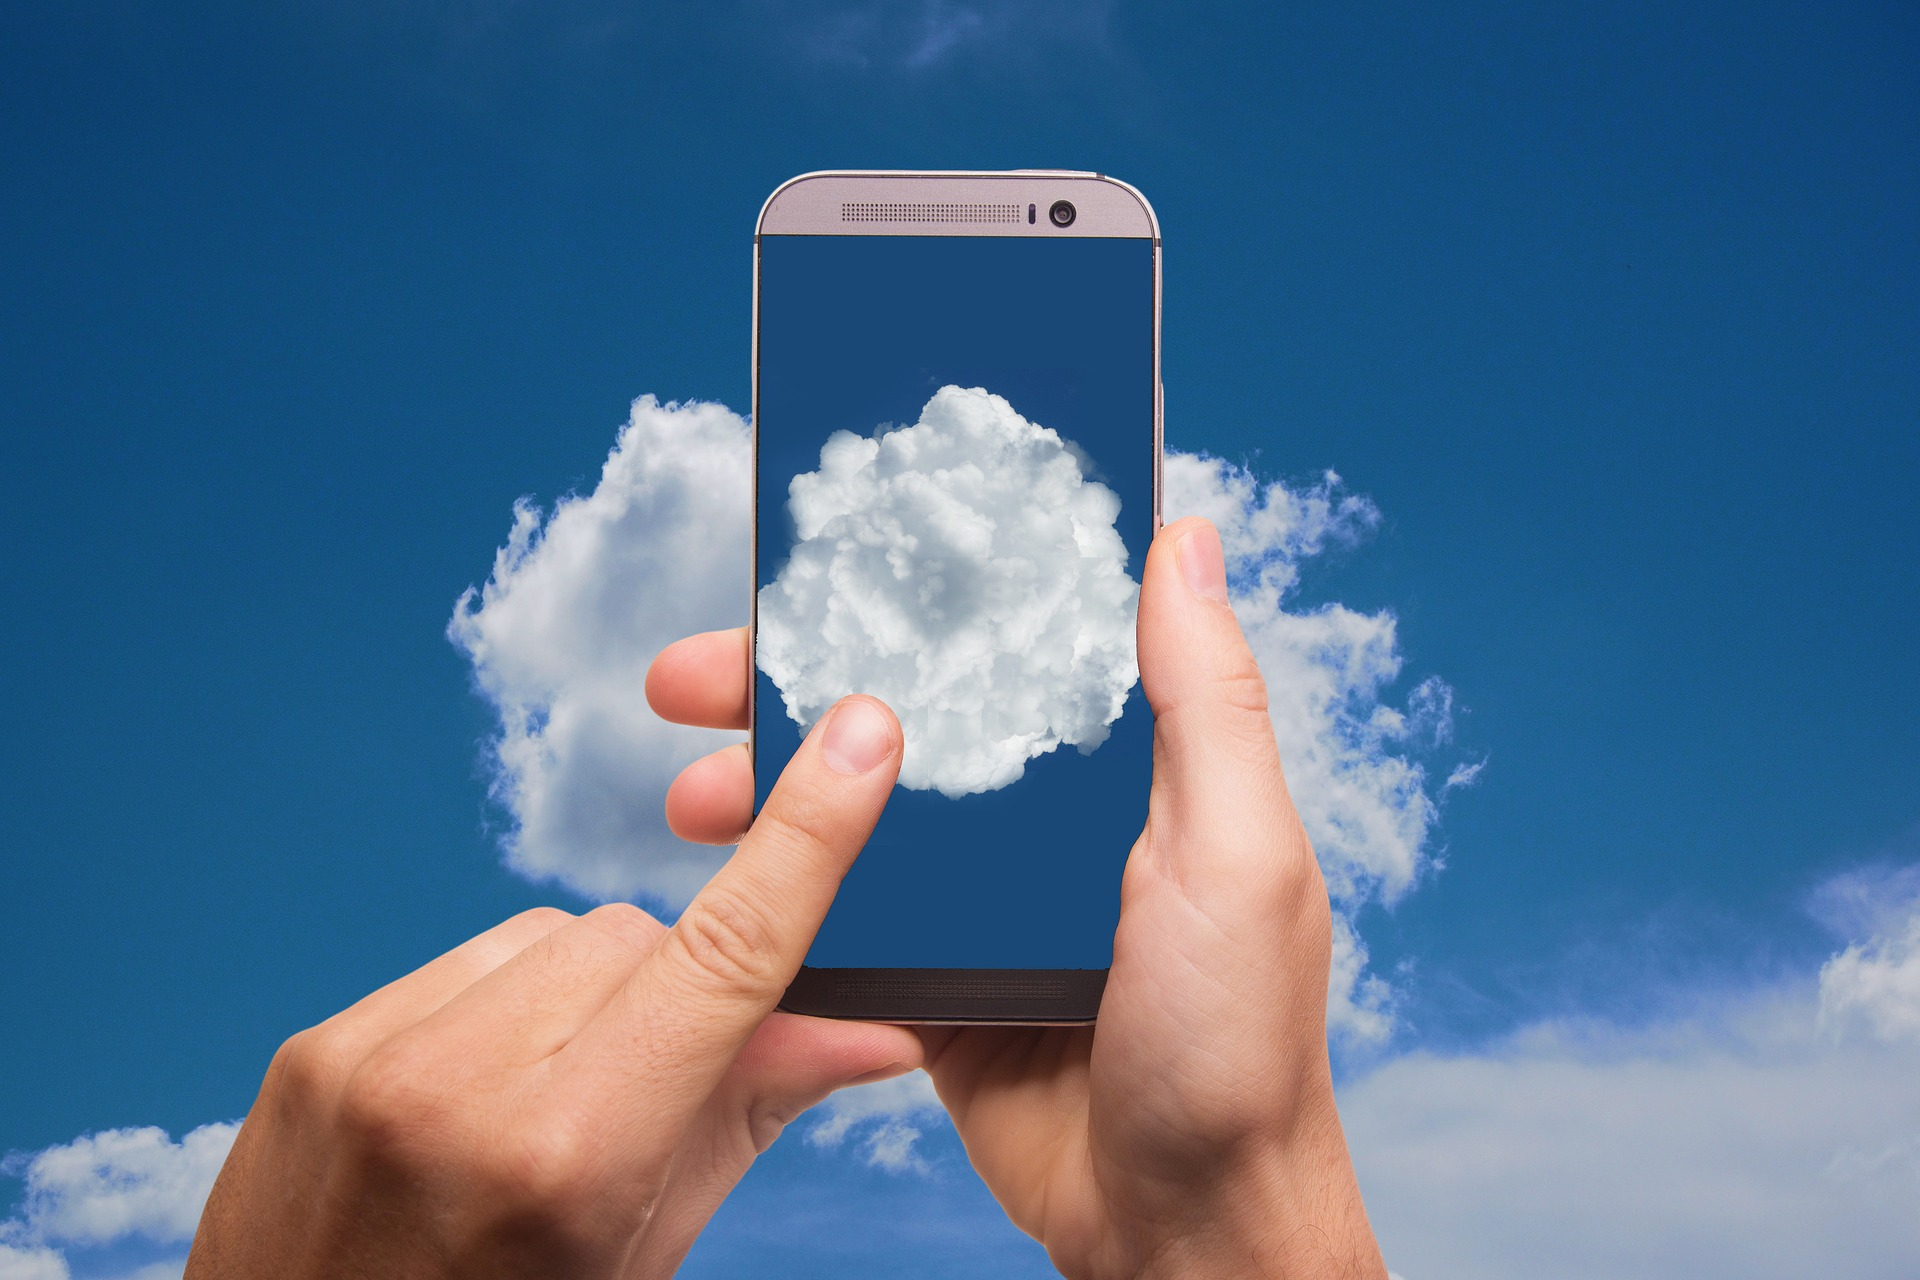 שואפים גבוה: למה צריך שירותי ענן?